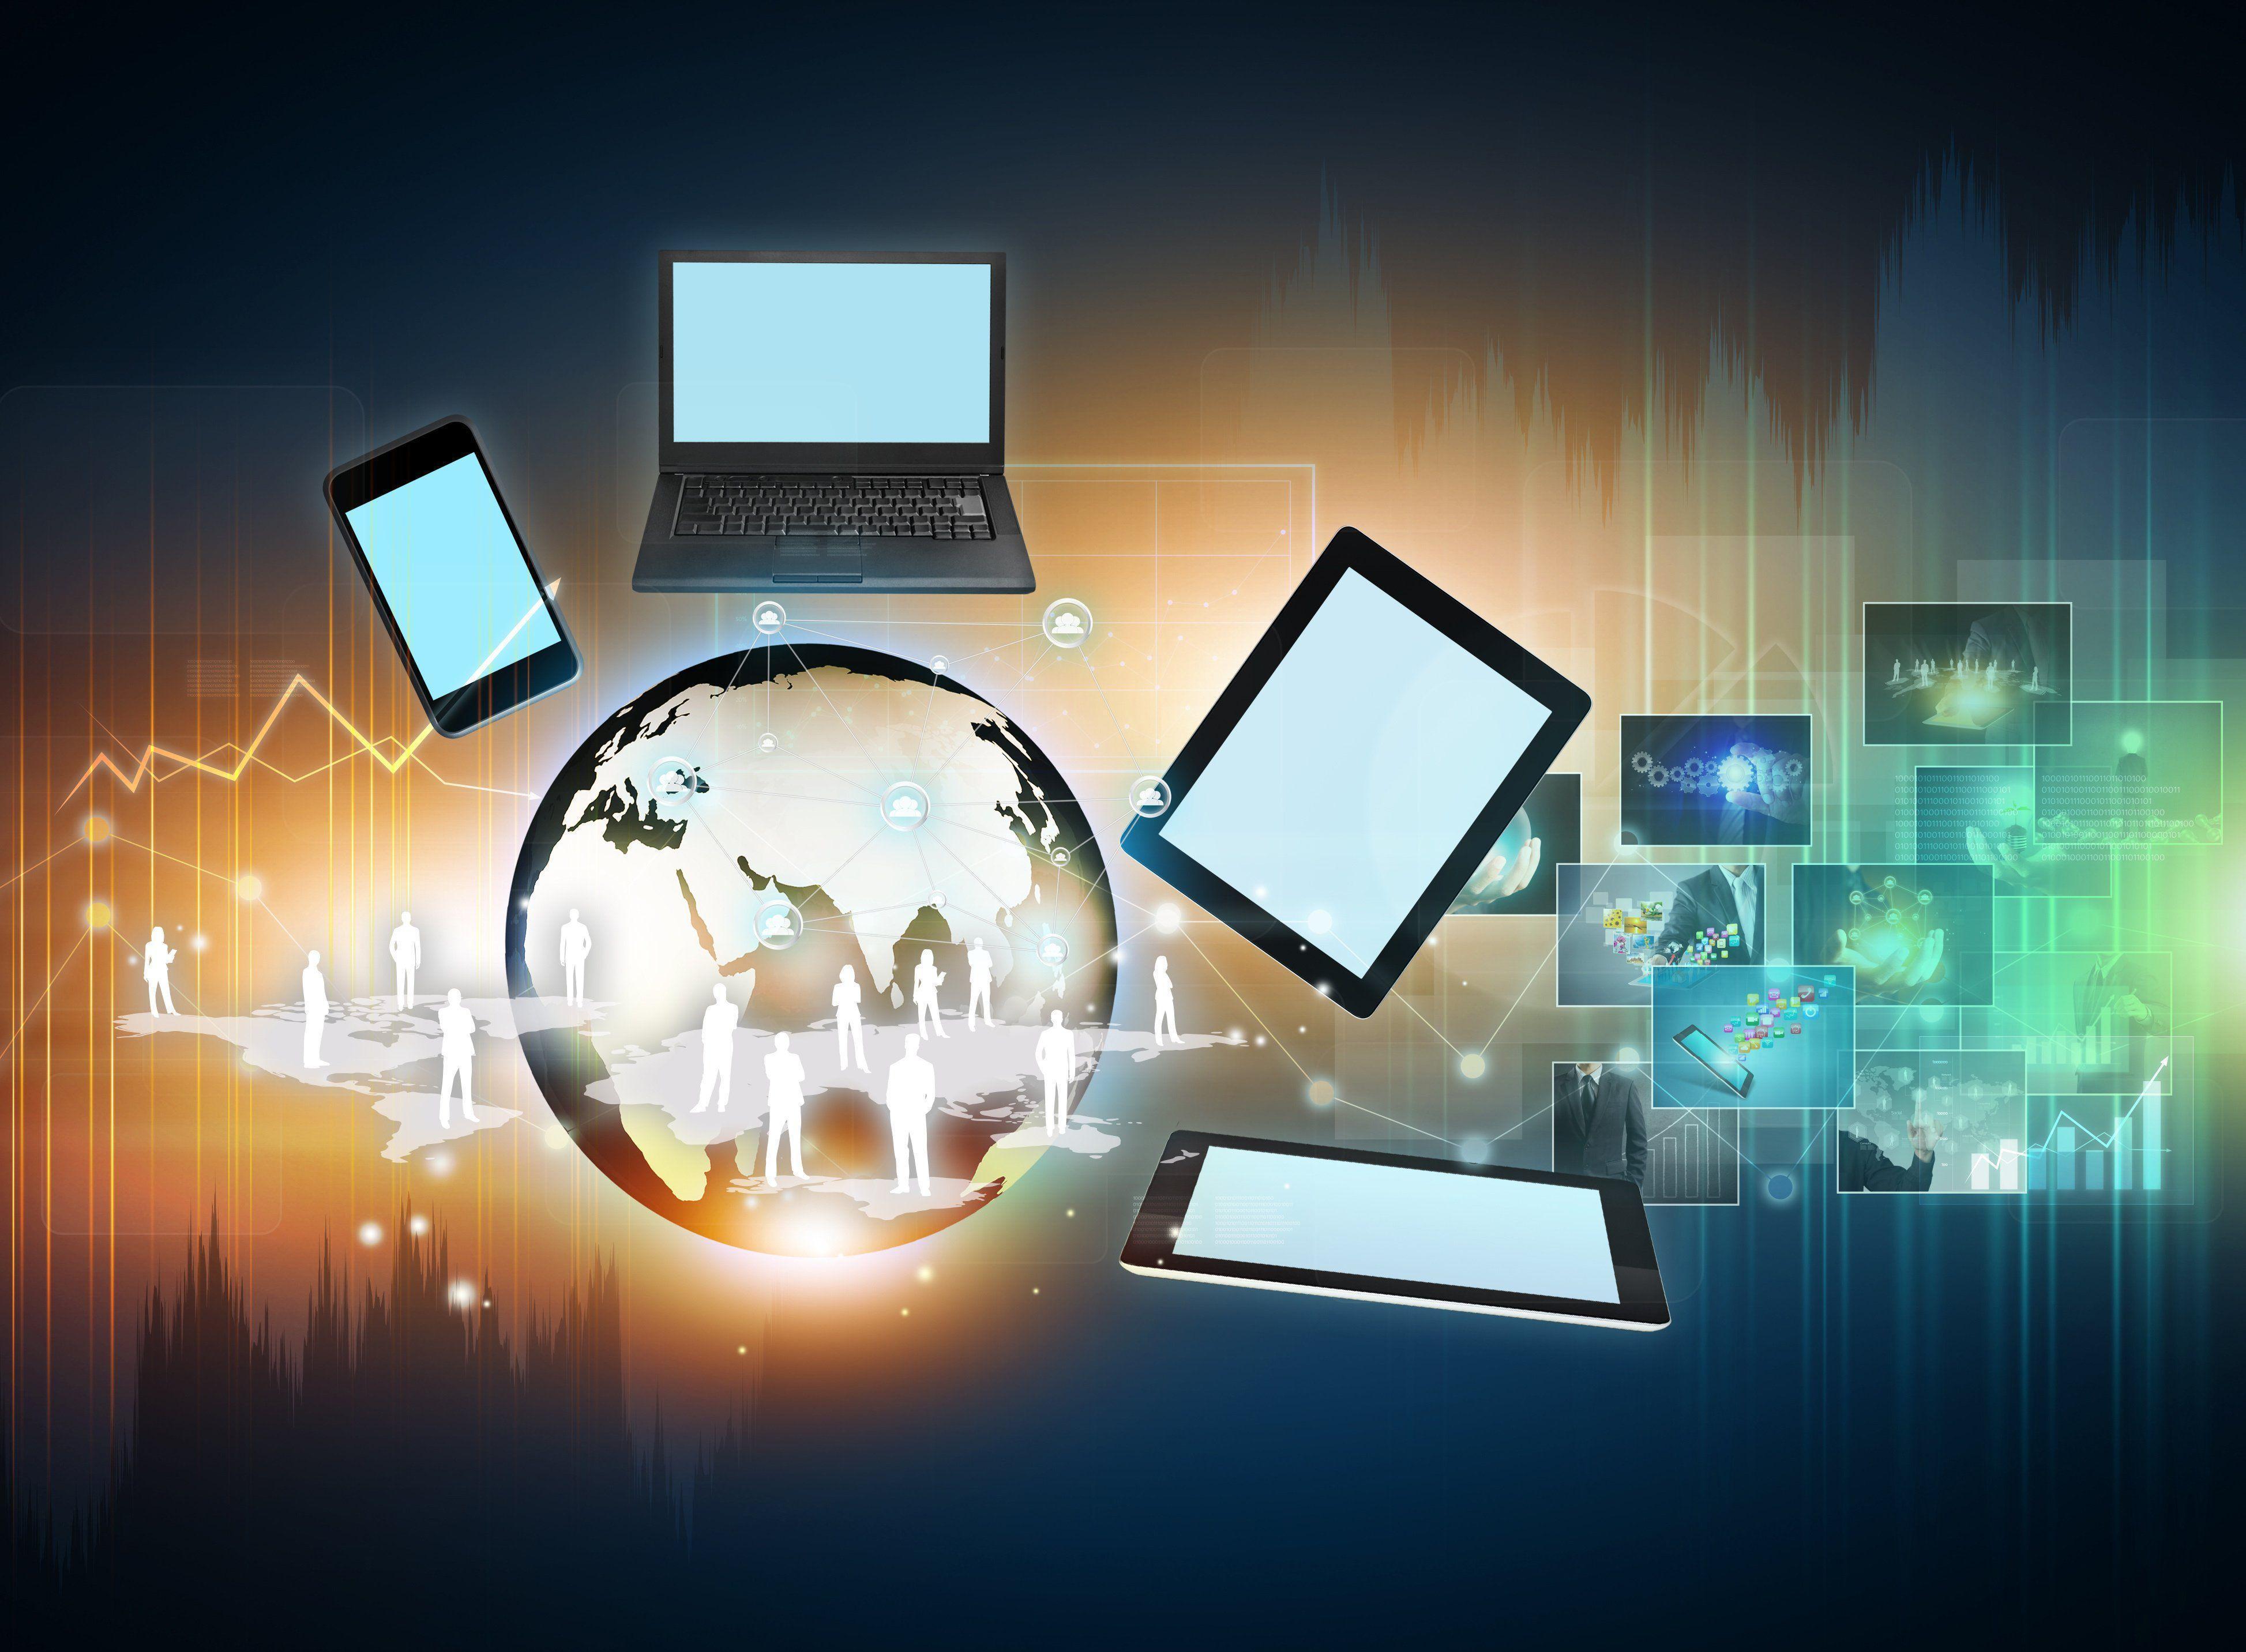 DEC30023 - COMPUTER NETWORKING FUNDAMENTALS/DIS2020